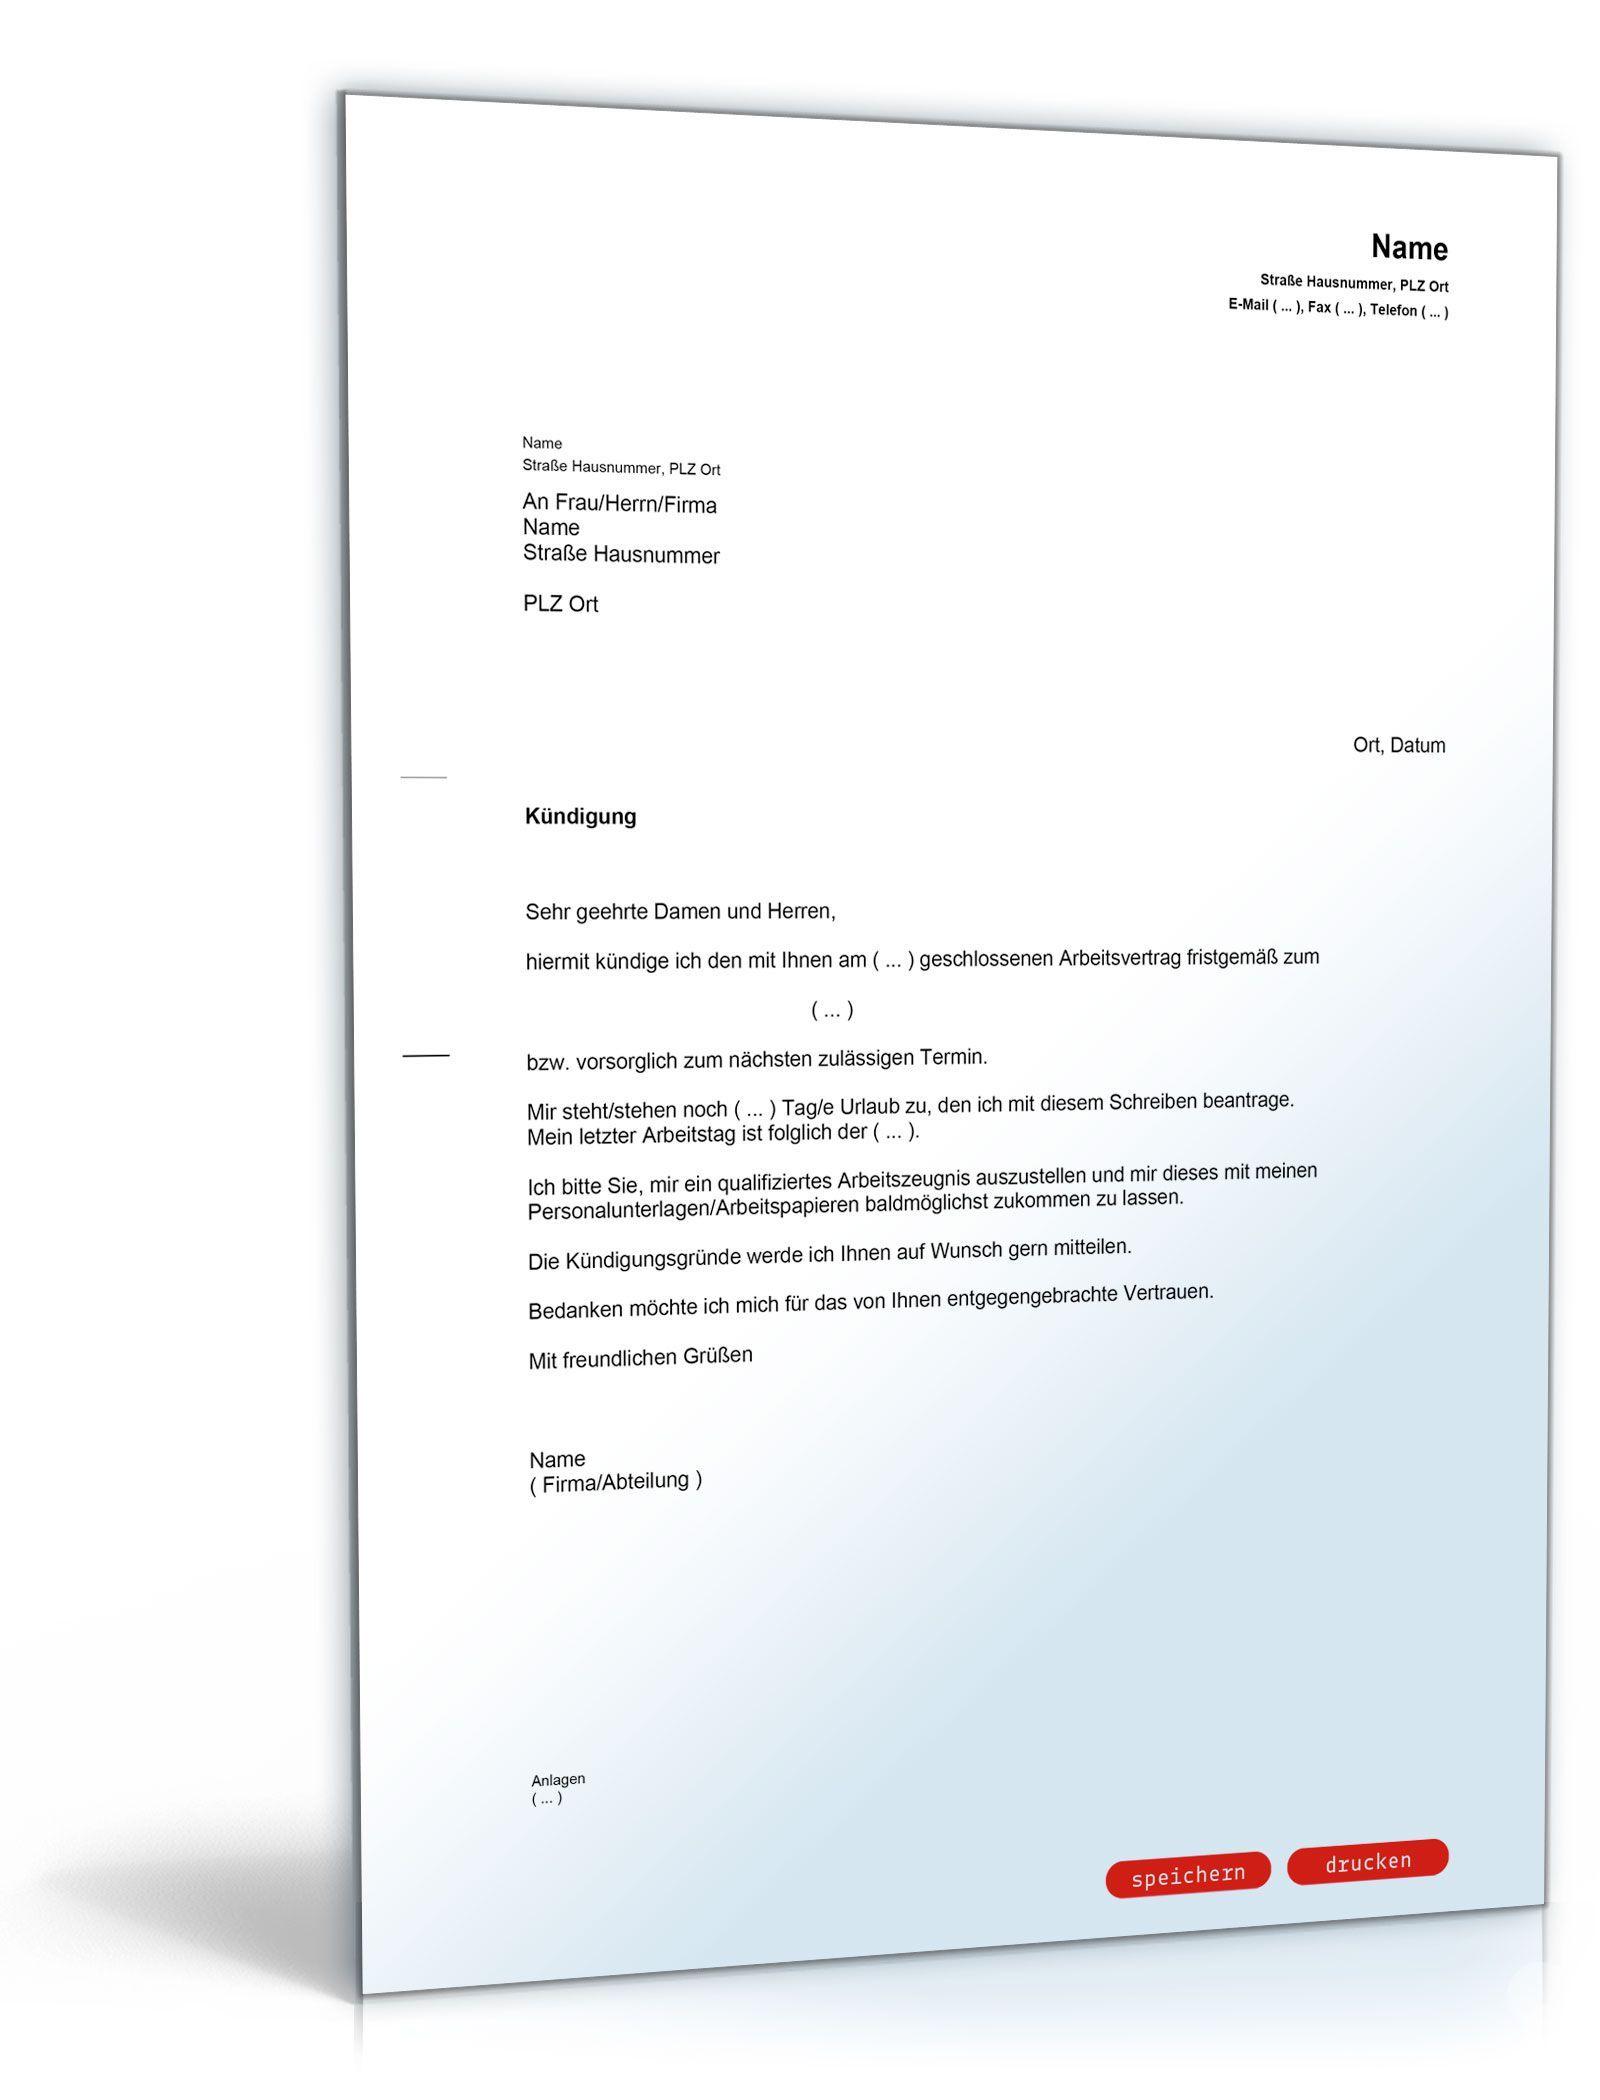 Kündigung Vorlage Arbeitsvertrag Kostenlos Briefe Kündigung